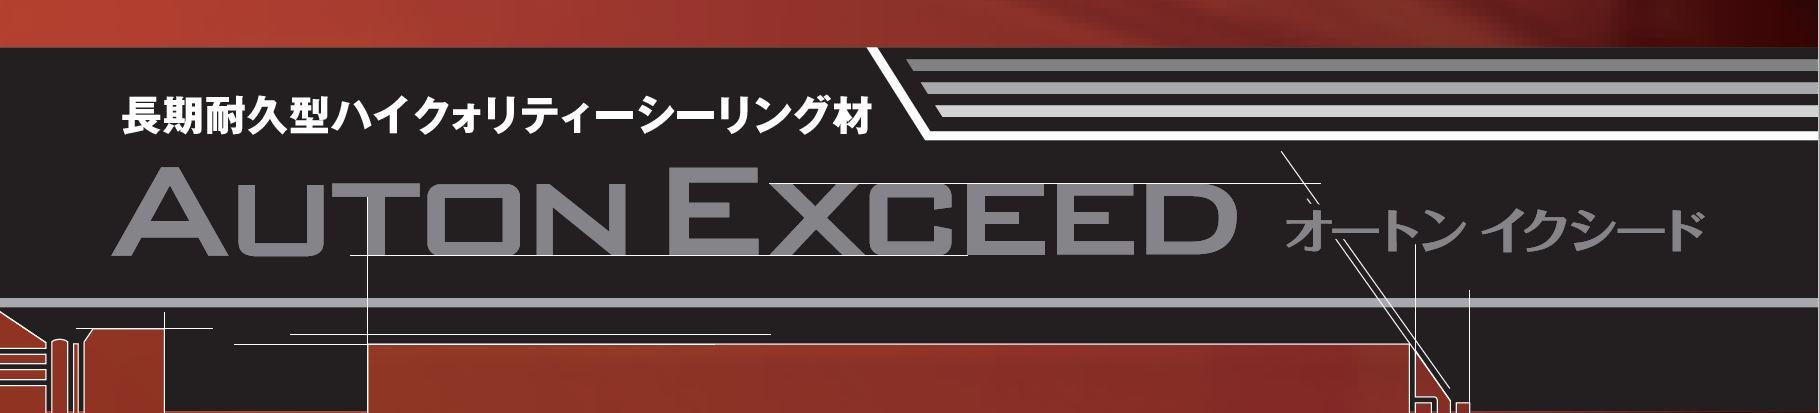 超高耐久・耐候性シーリング材・オートンイクシード